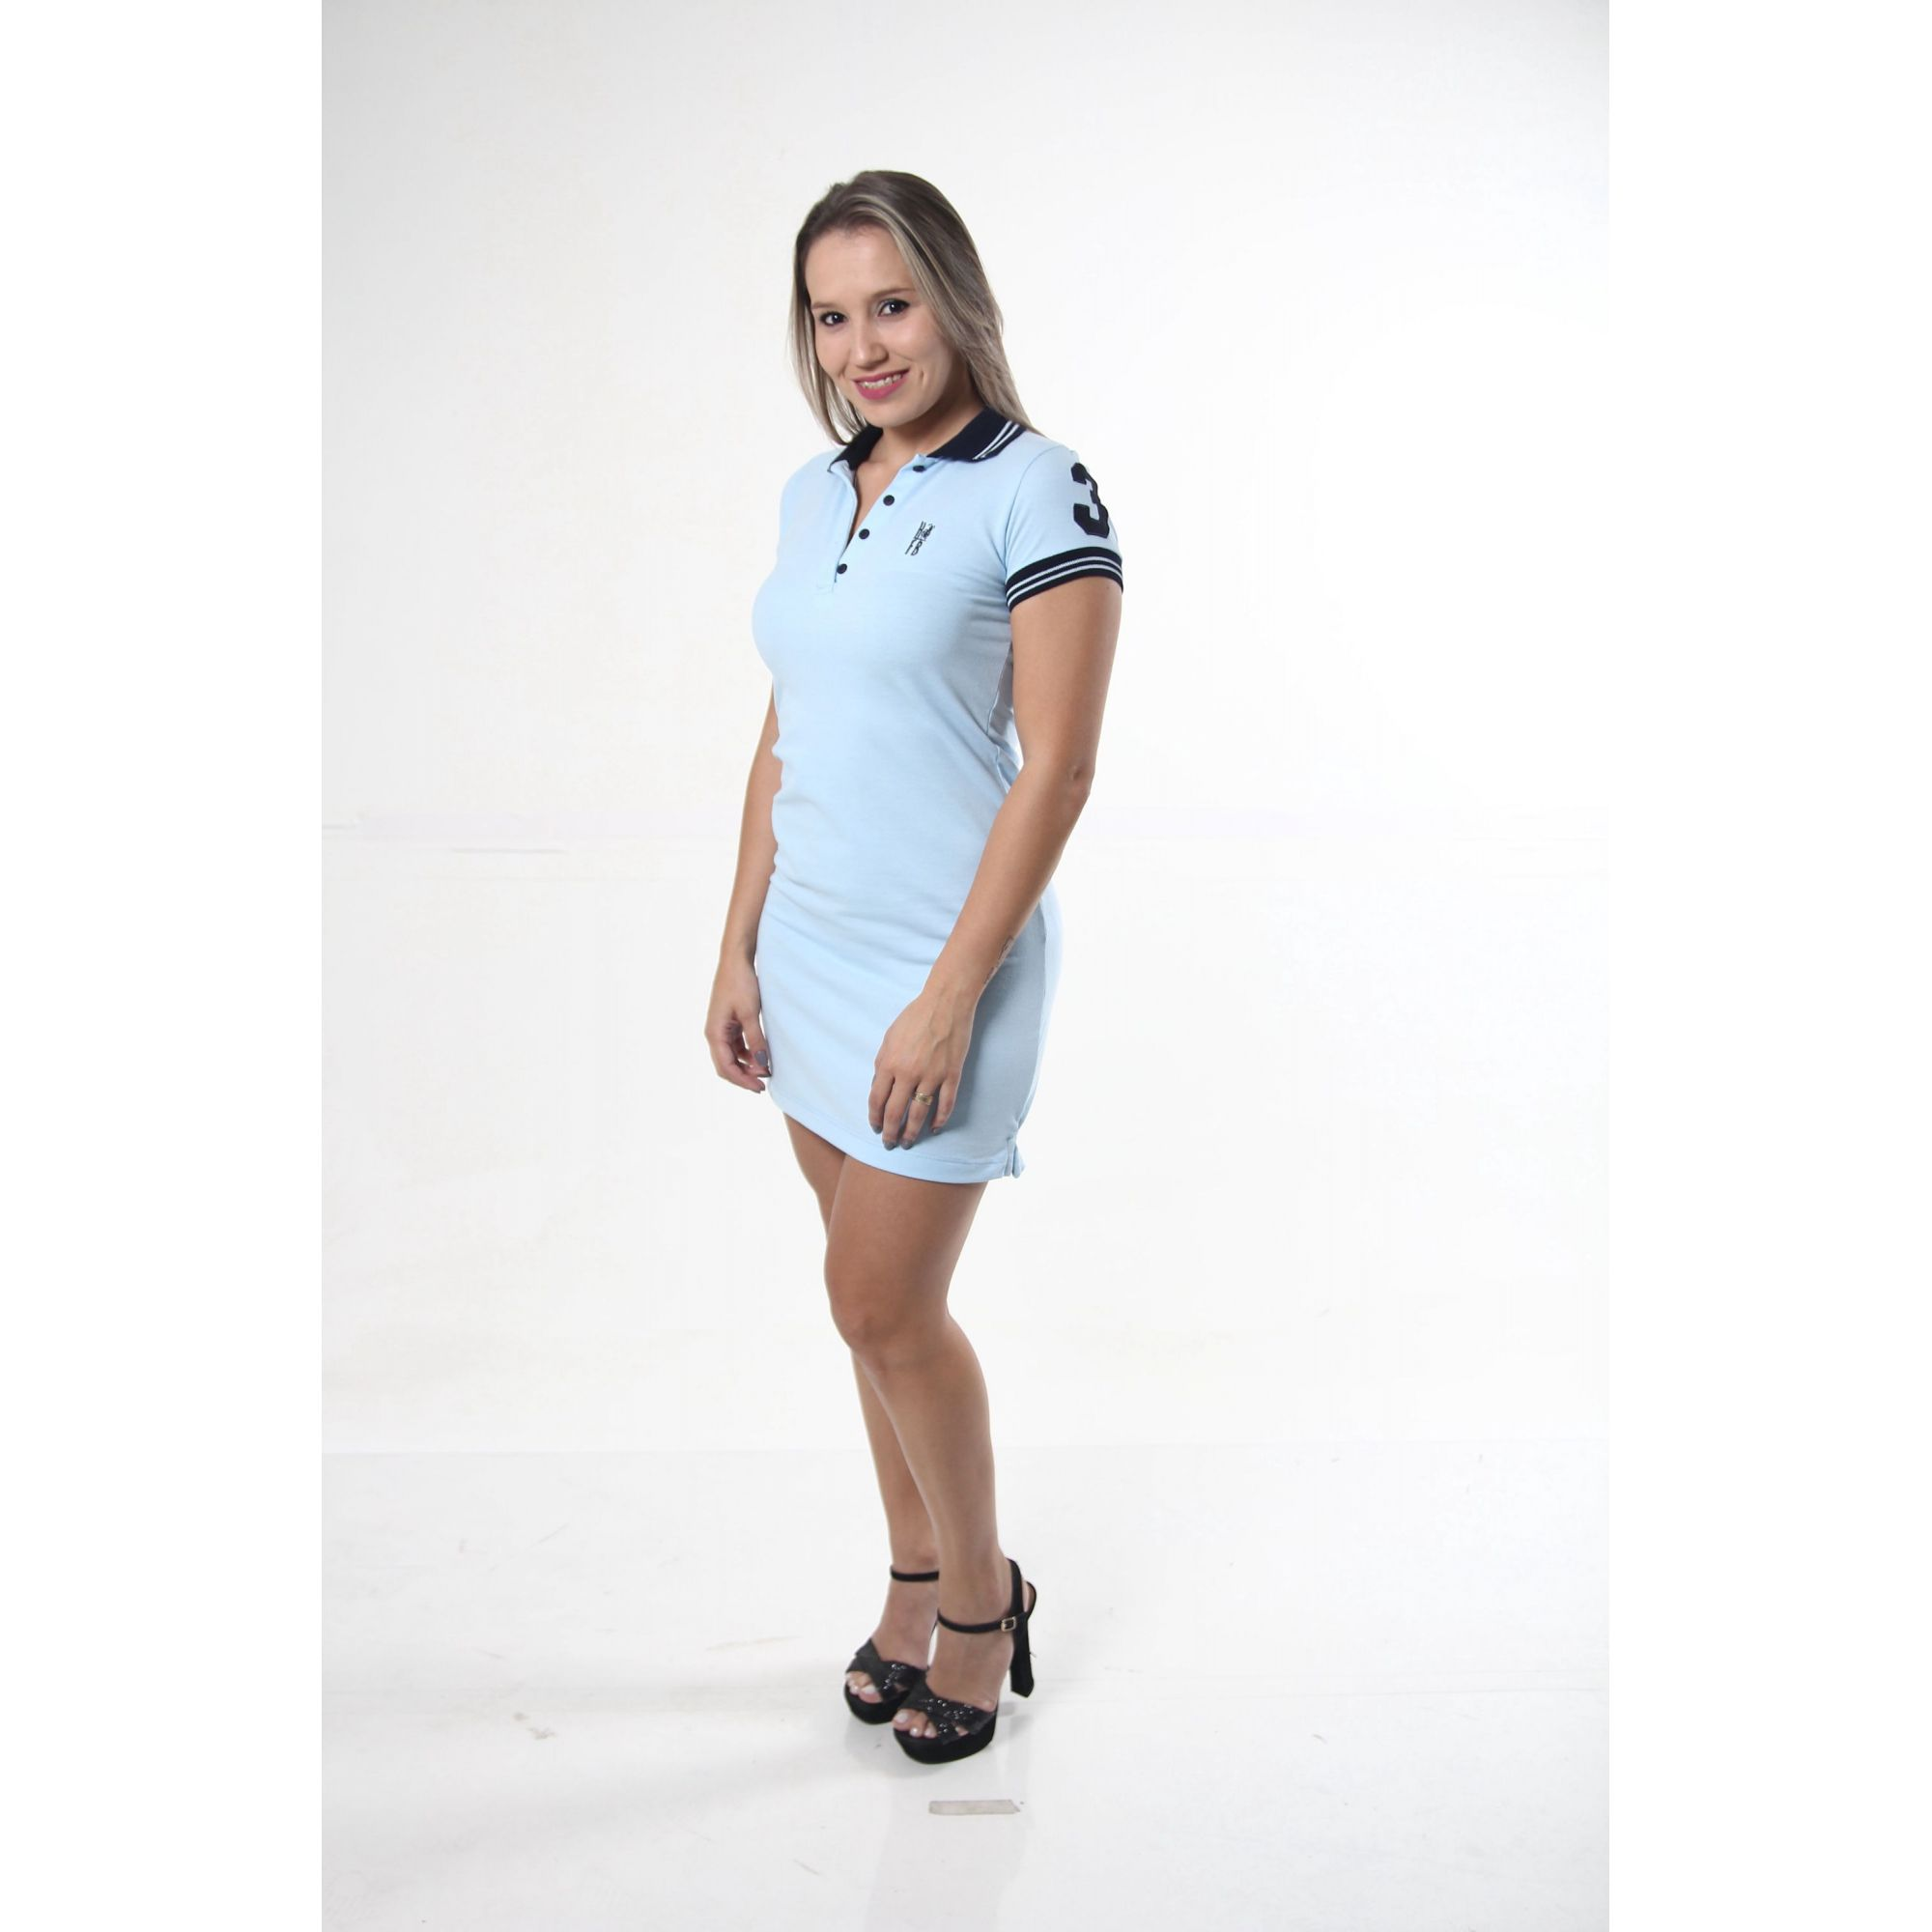 Vestido Polo Azul Nobreza  - Heitor Fashion Brazil